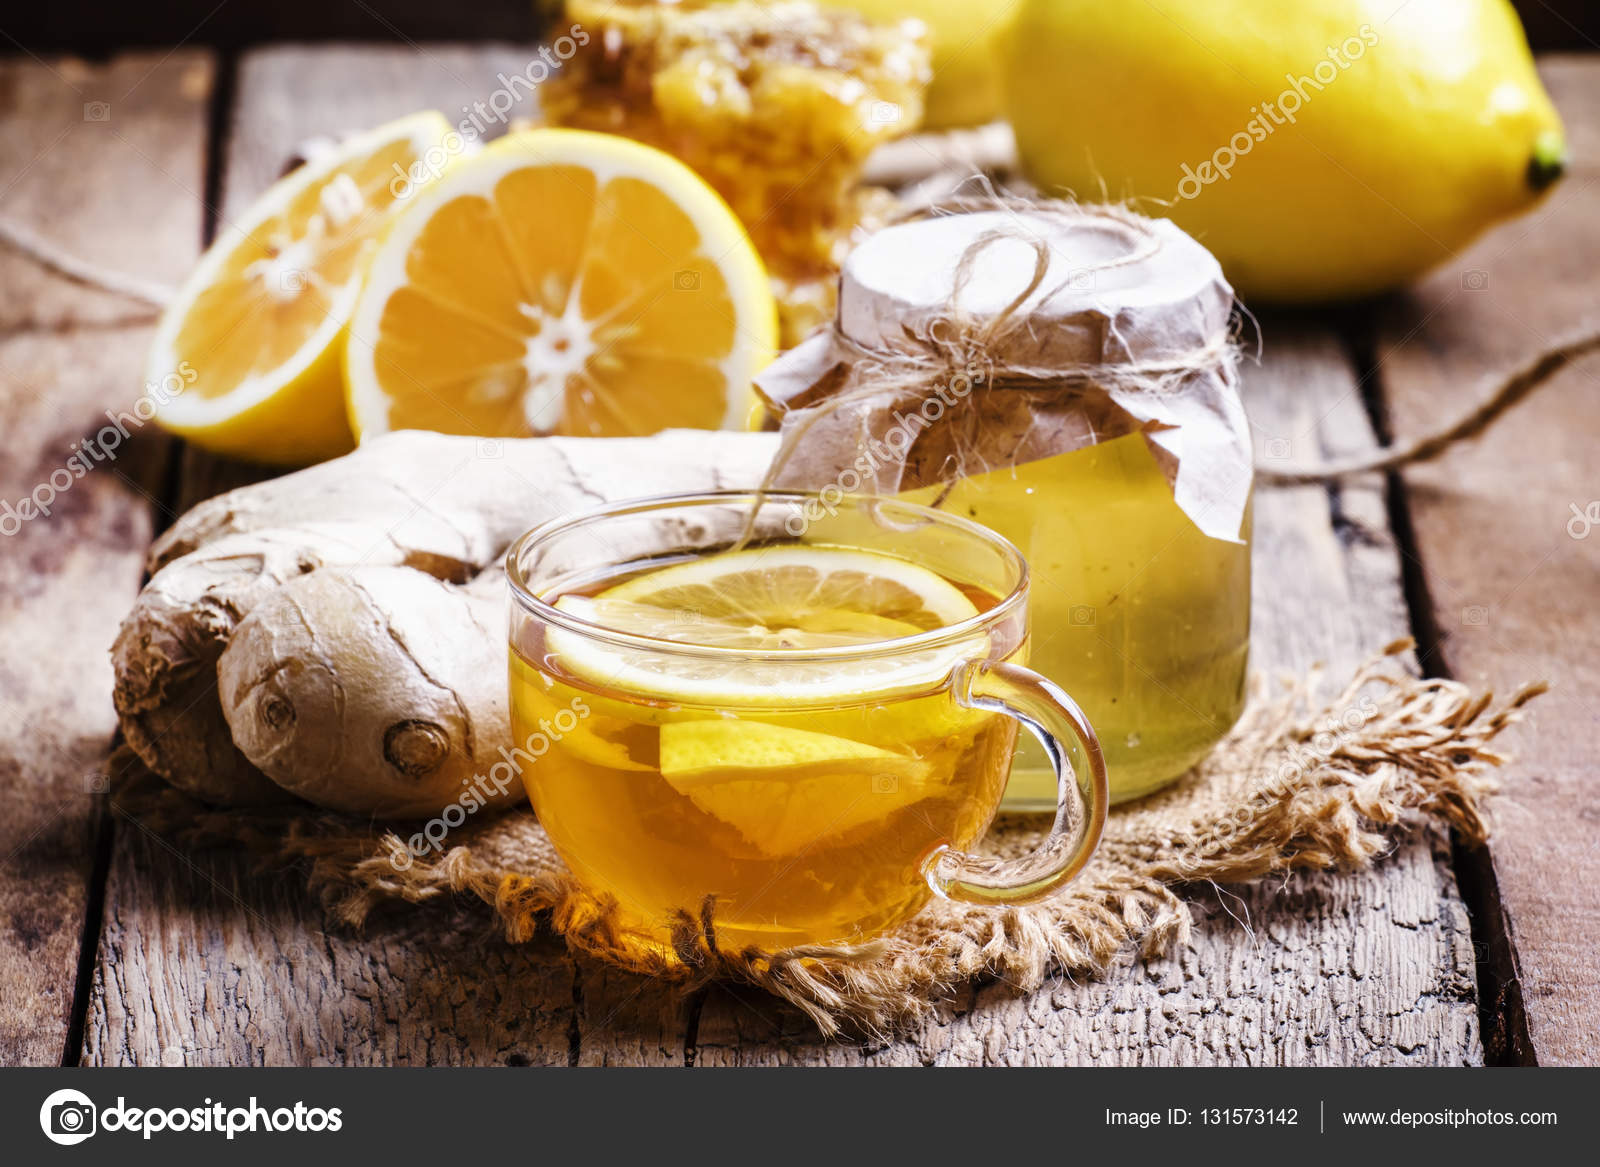 Schwarzer Tee Mit Honig Zitrone Und Ingwer Stockfoto 5ph 131573142